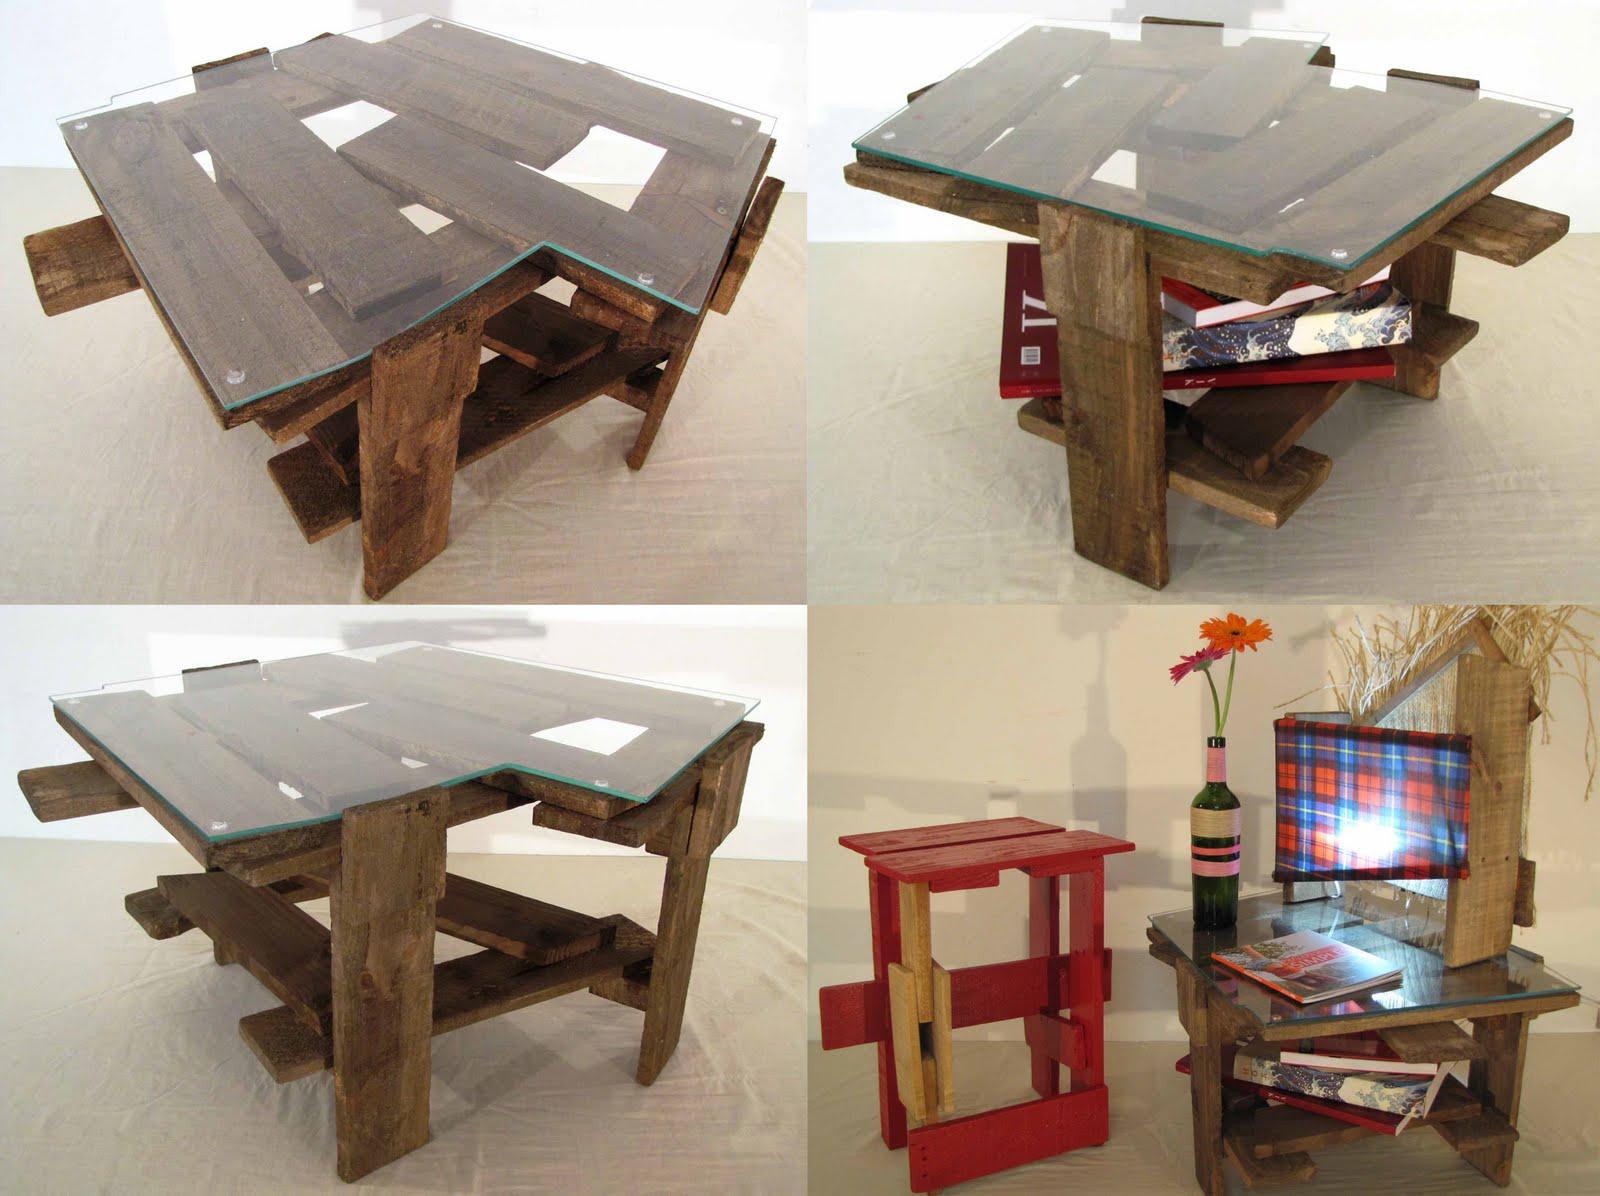 Artelieco mesas pequenas - Mesas pequenas ...